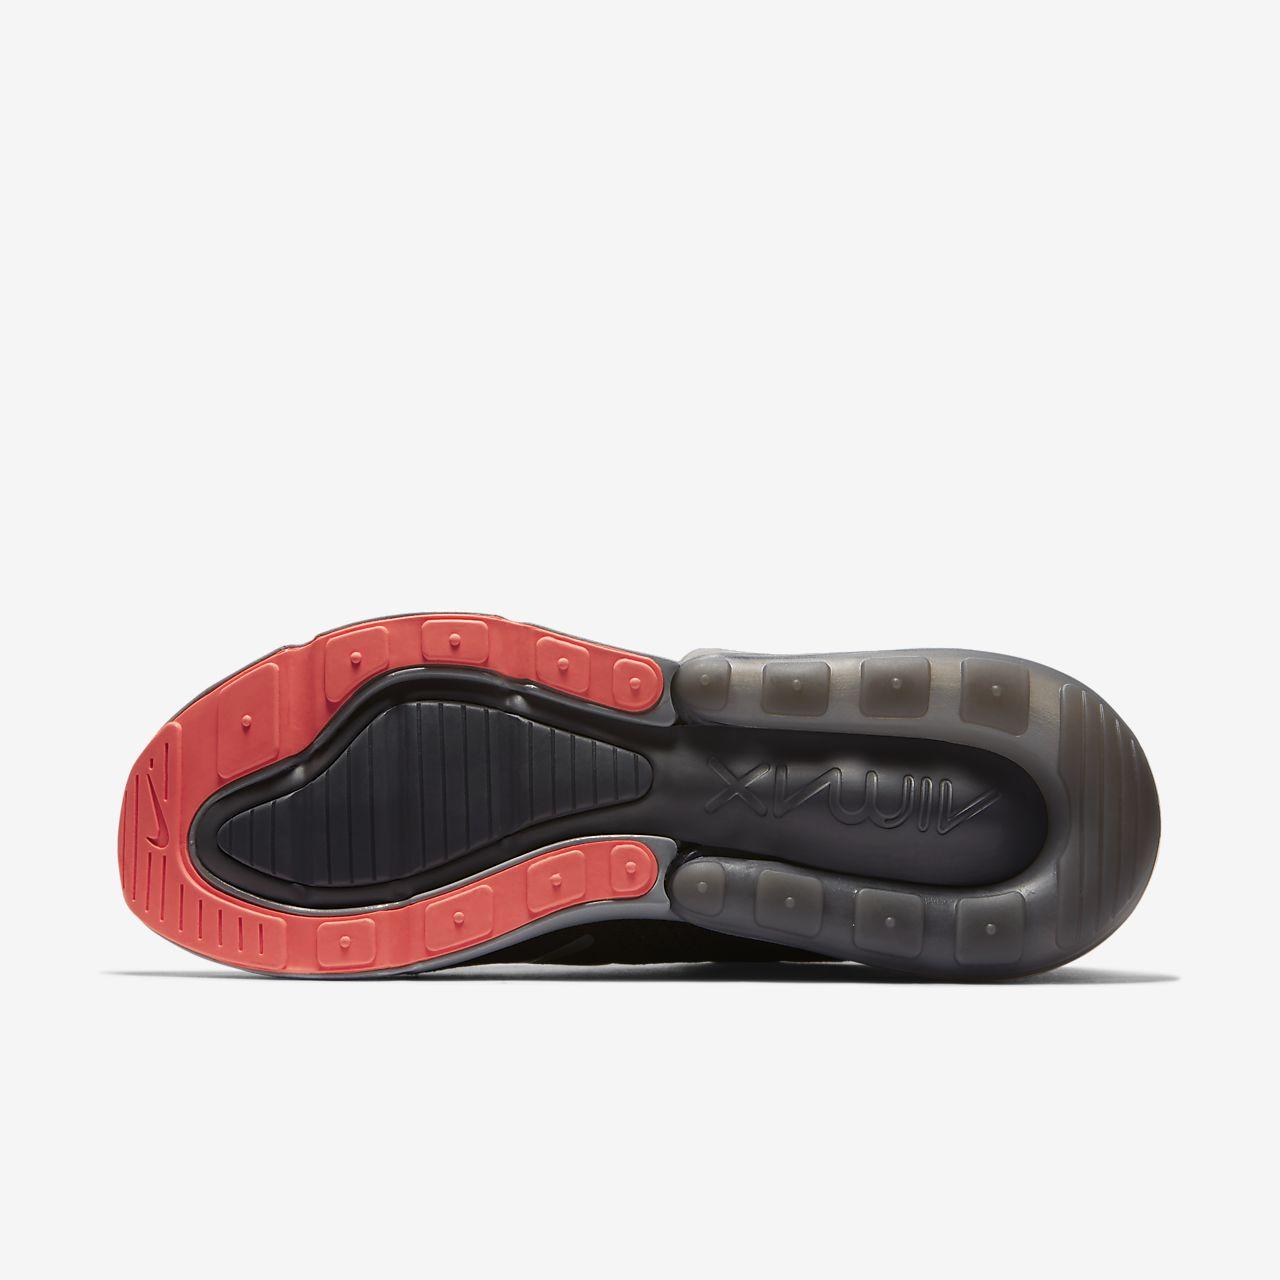 size 40 54944 f8815 ... Sko Nike Air Max 270 Flyknit för män